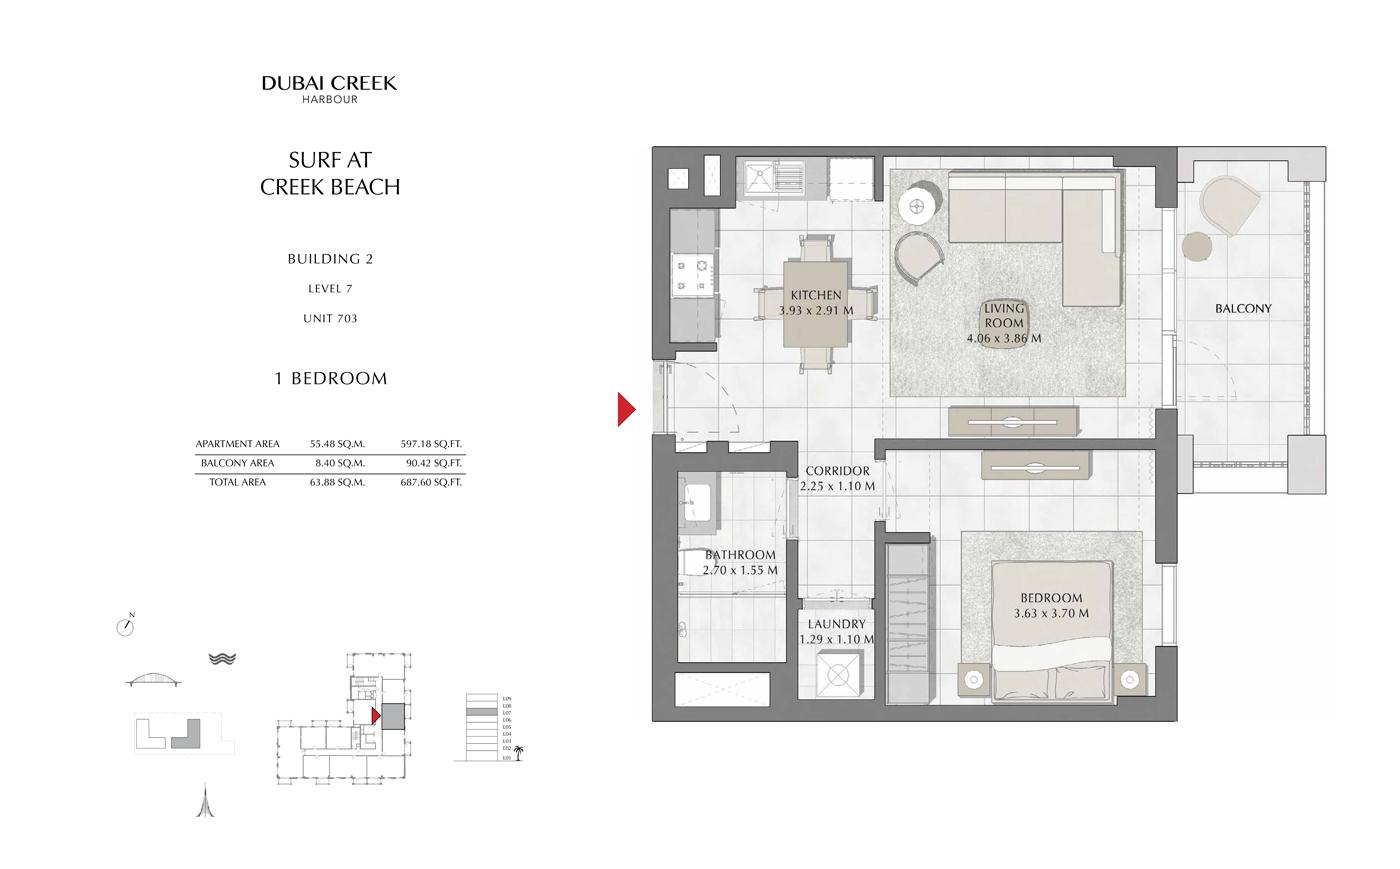 Building 2, 1 Bedroom Level 7, Szie 687 Sq Ft